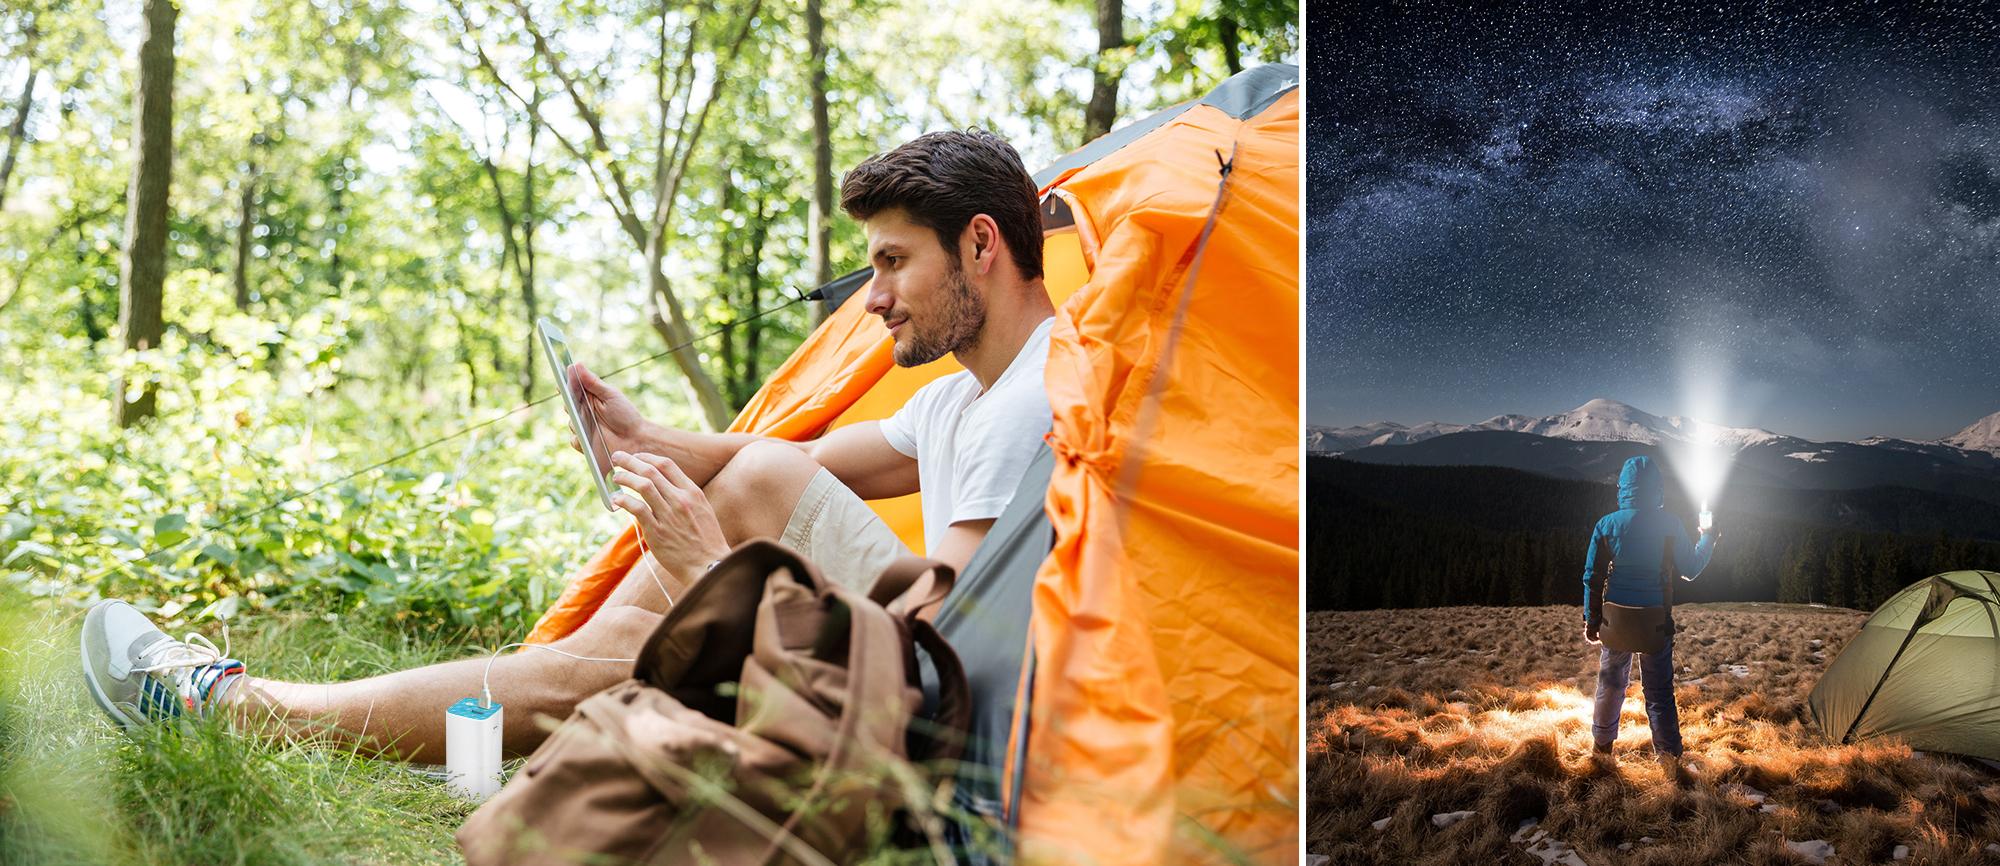 człowiek siedzący przed namiotem